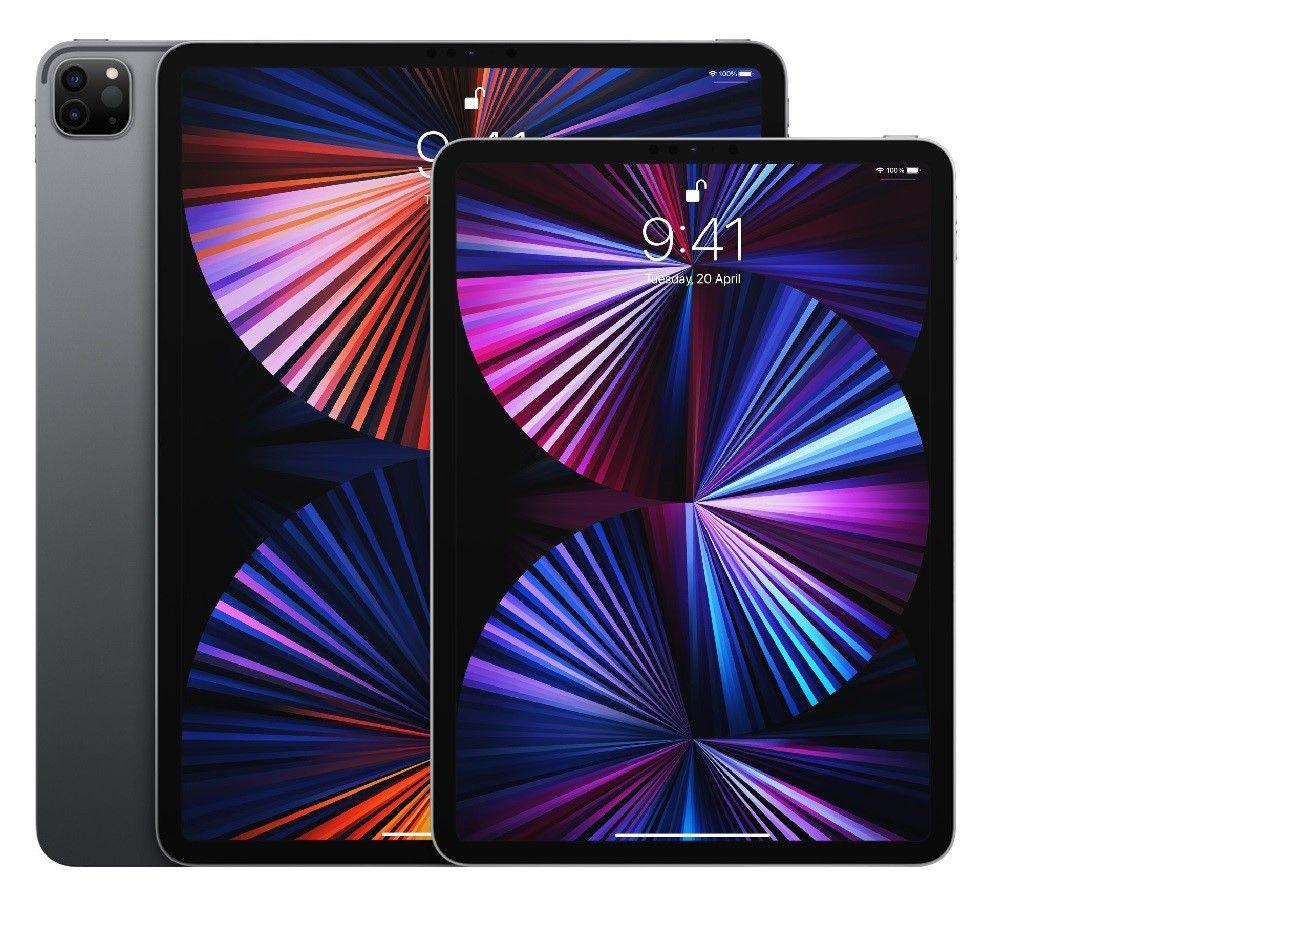 اخترنا لكم Apple iPad Pro... جهاز لوحي بقوة كمبيوتر محمول